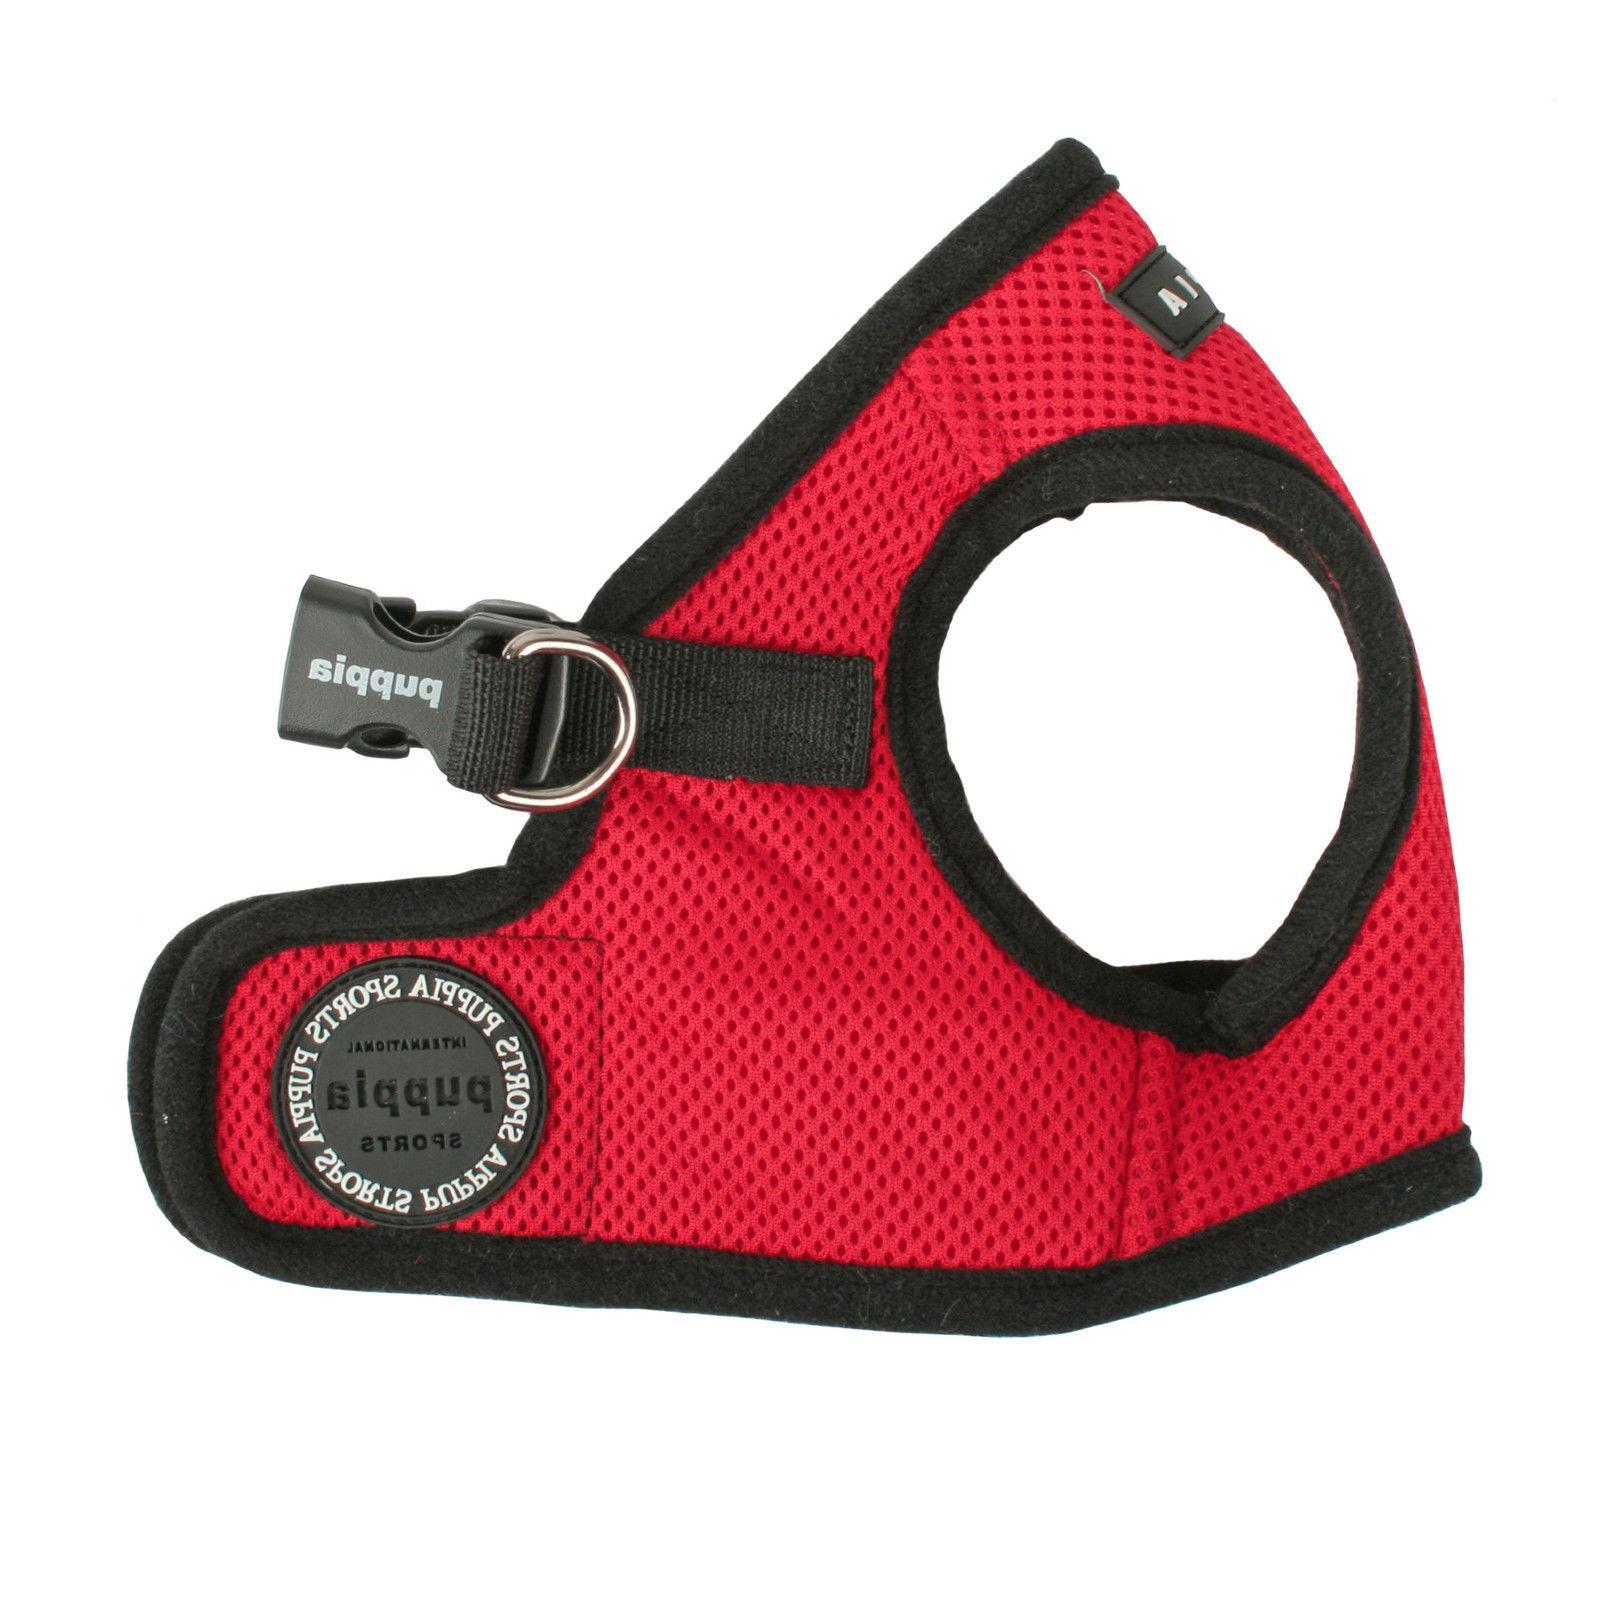 Puppia Adjust. Harness Vest - S M, L, XL, - AH305